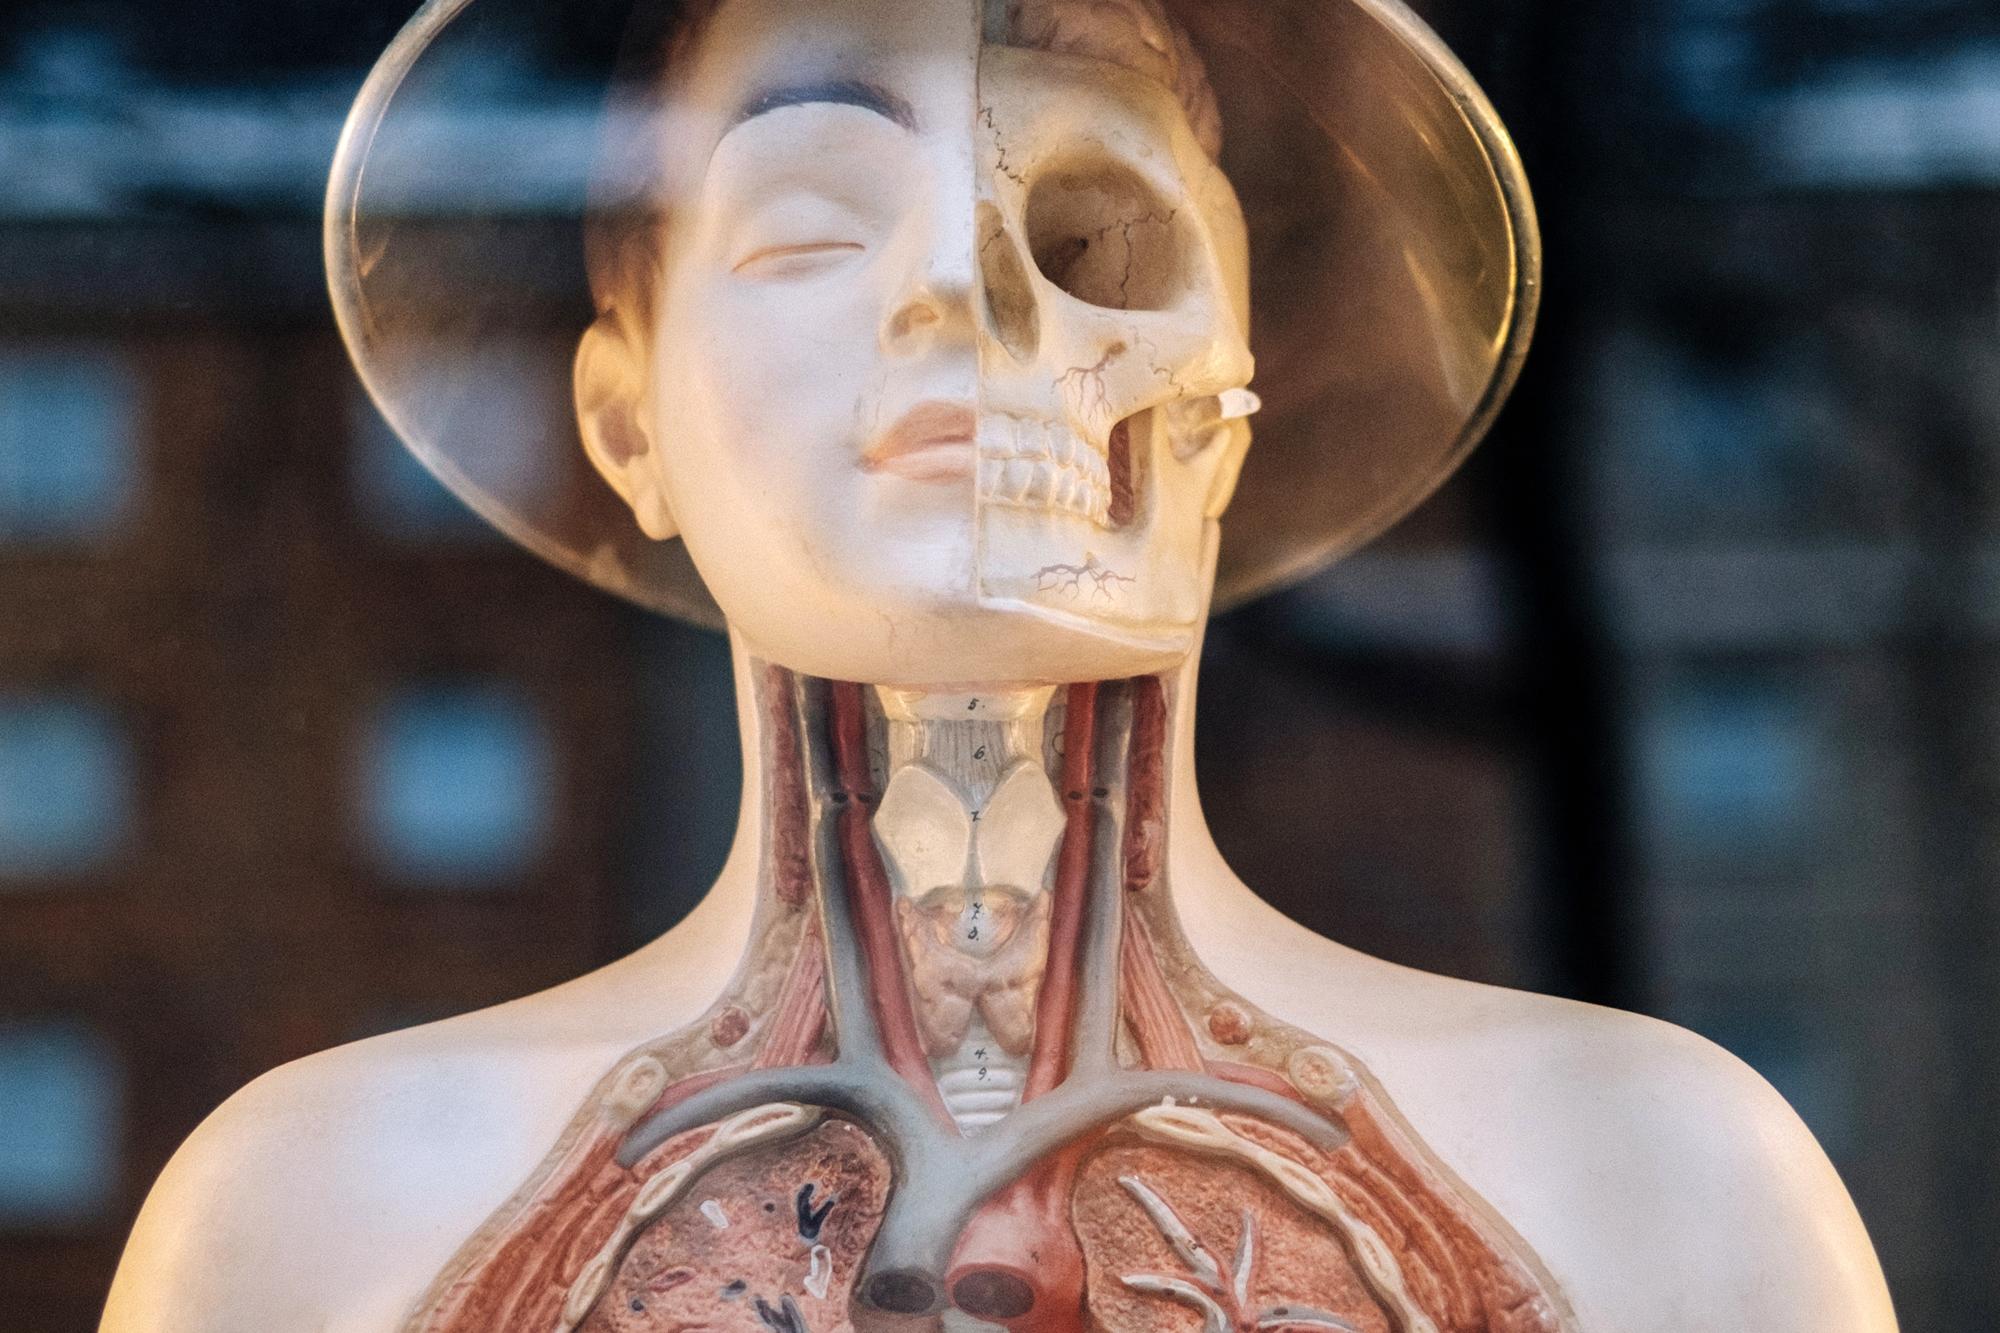 sköldkörtelns funktion i kroppen